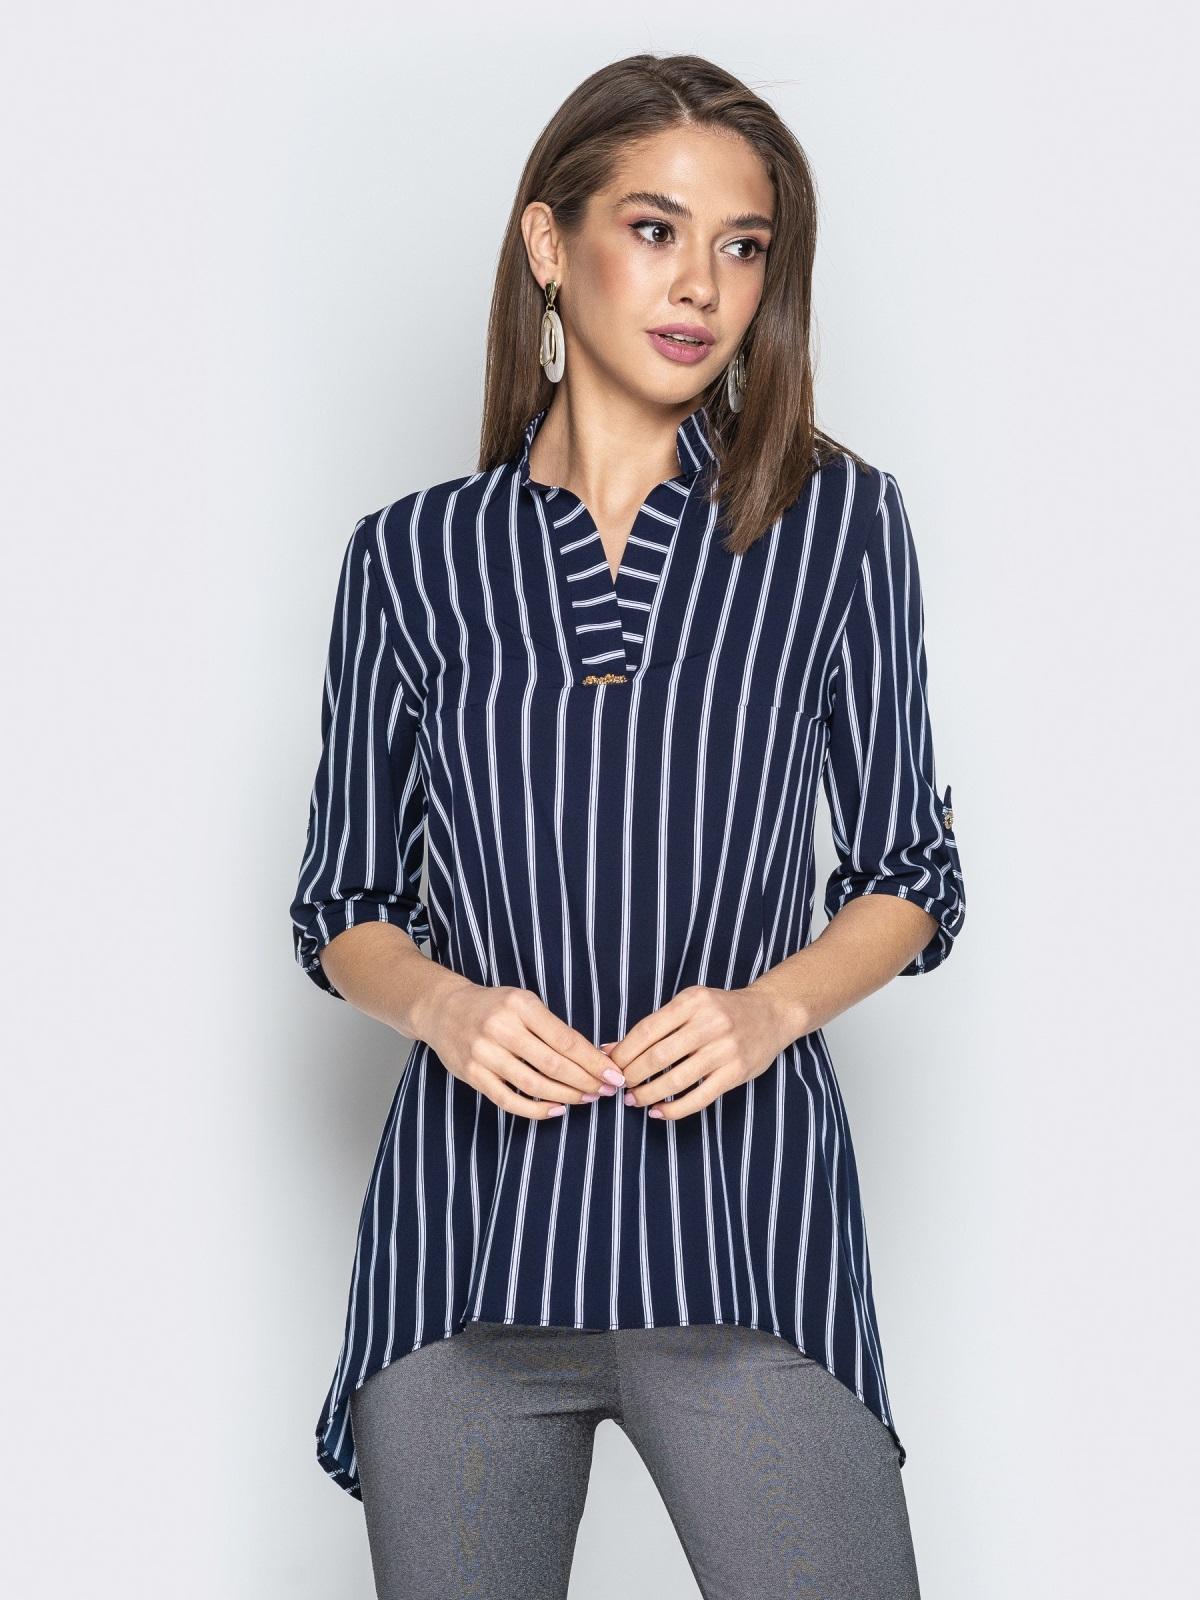 Синяя блузка из софта в полоску с удлиненной спинкой - 21377, фото 1 – интернет-магазин Dressa